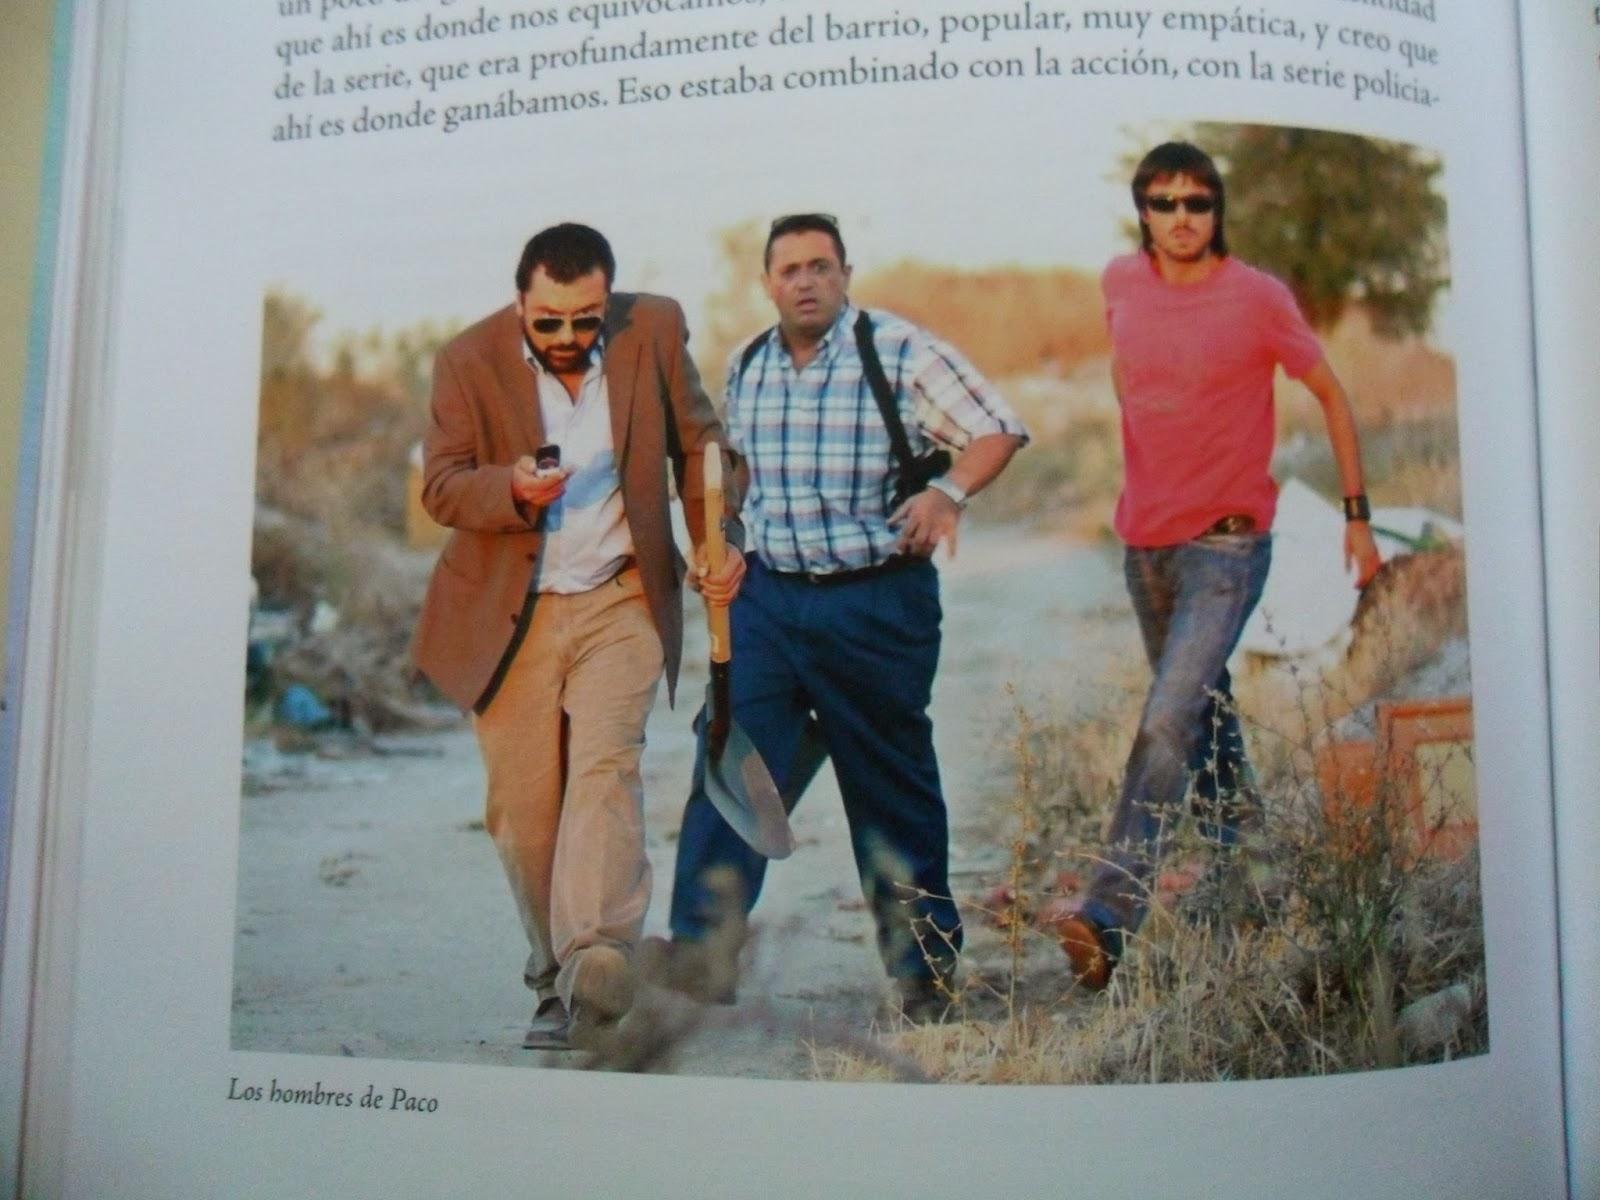 Serie de Antena 3 Los hombres de Paco, Paco Tous, Pepón Nieto, Hugo Silva